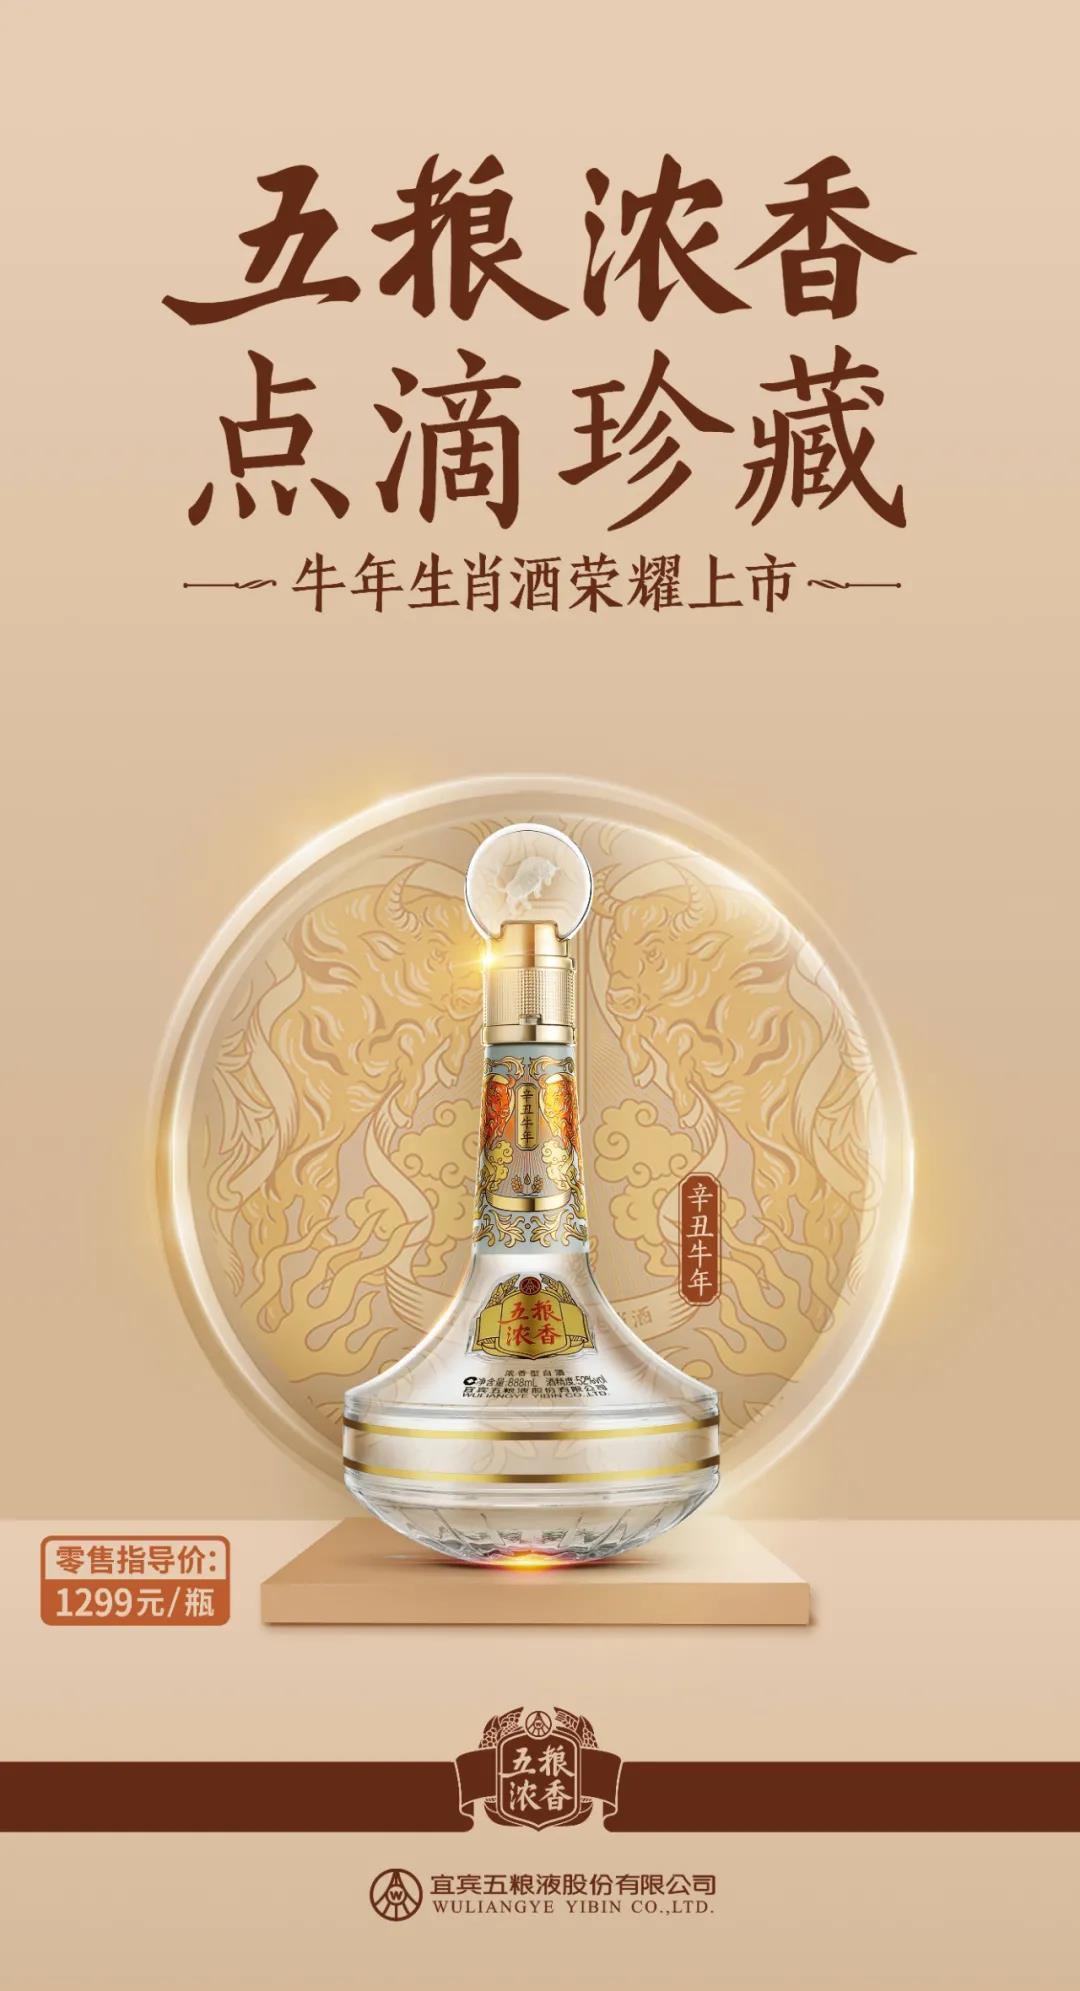 五粮浓香公司推出的五粮浓香·辛丑牛年生肖酒线上首发